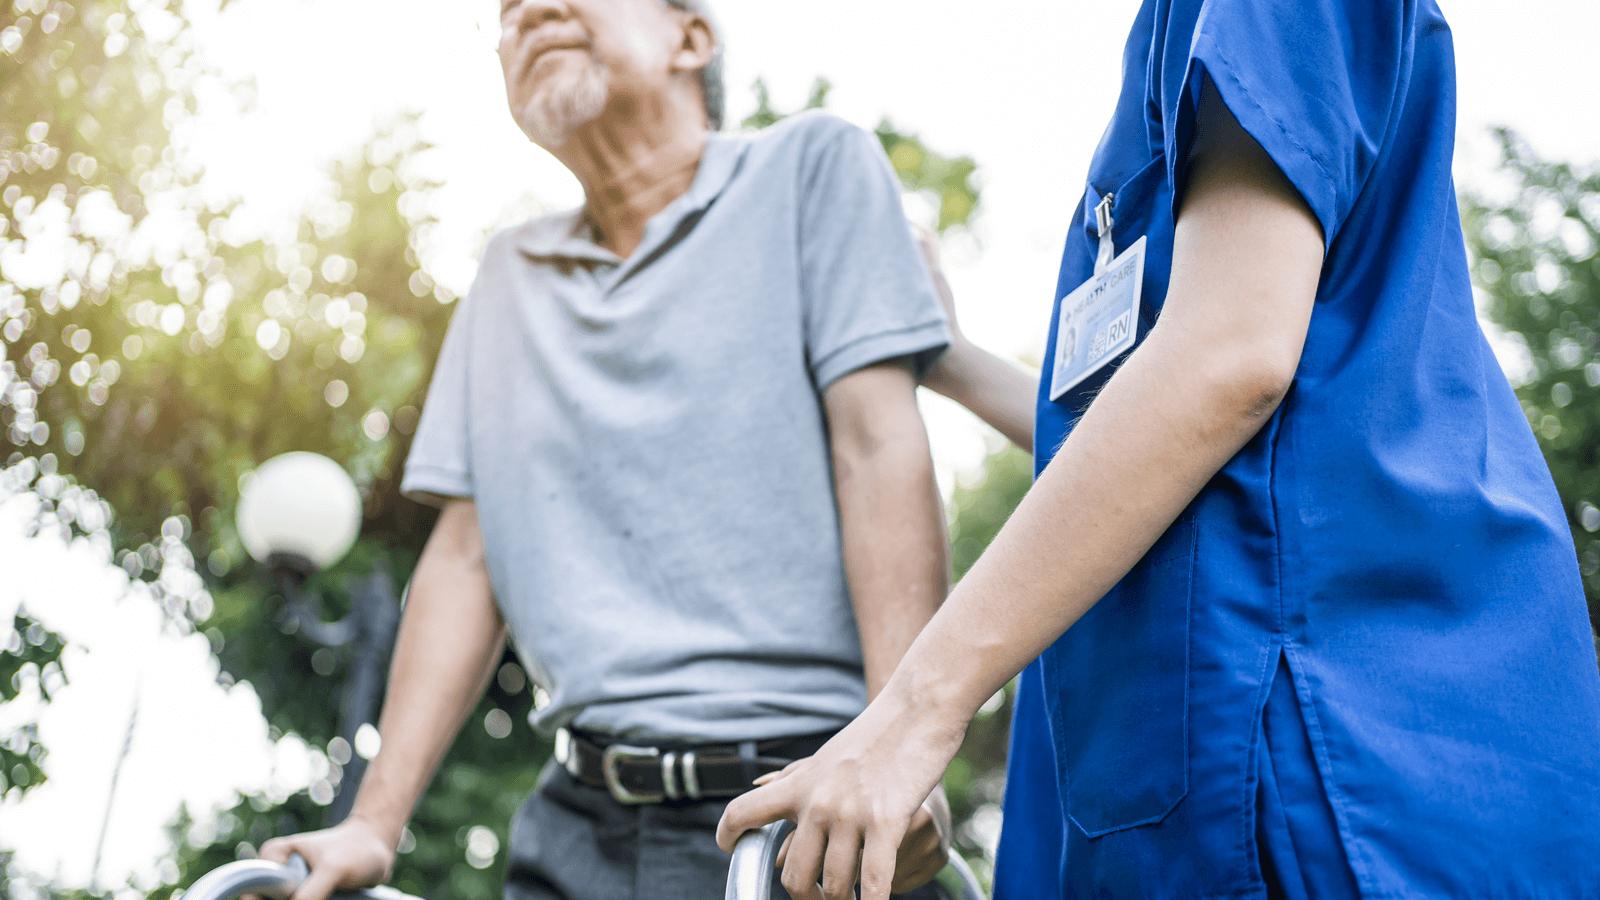 介護業界で深刻化する人材不足 その背景と対策とは?